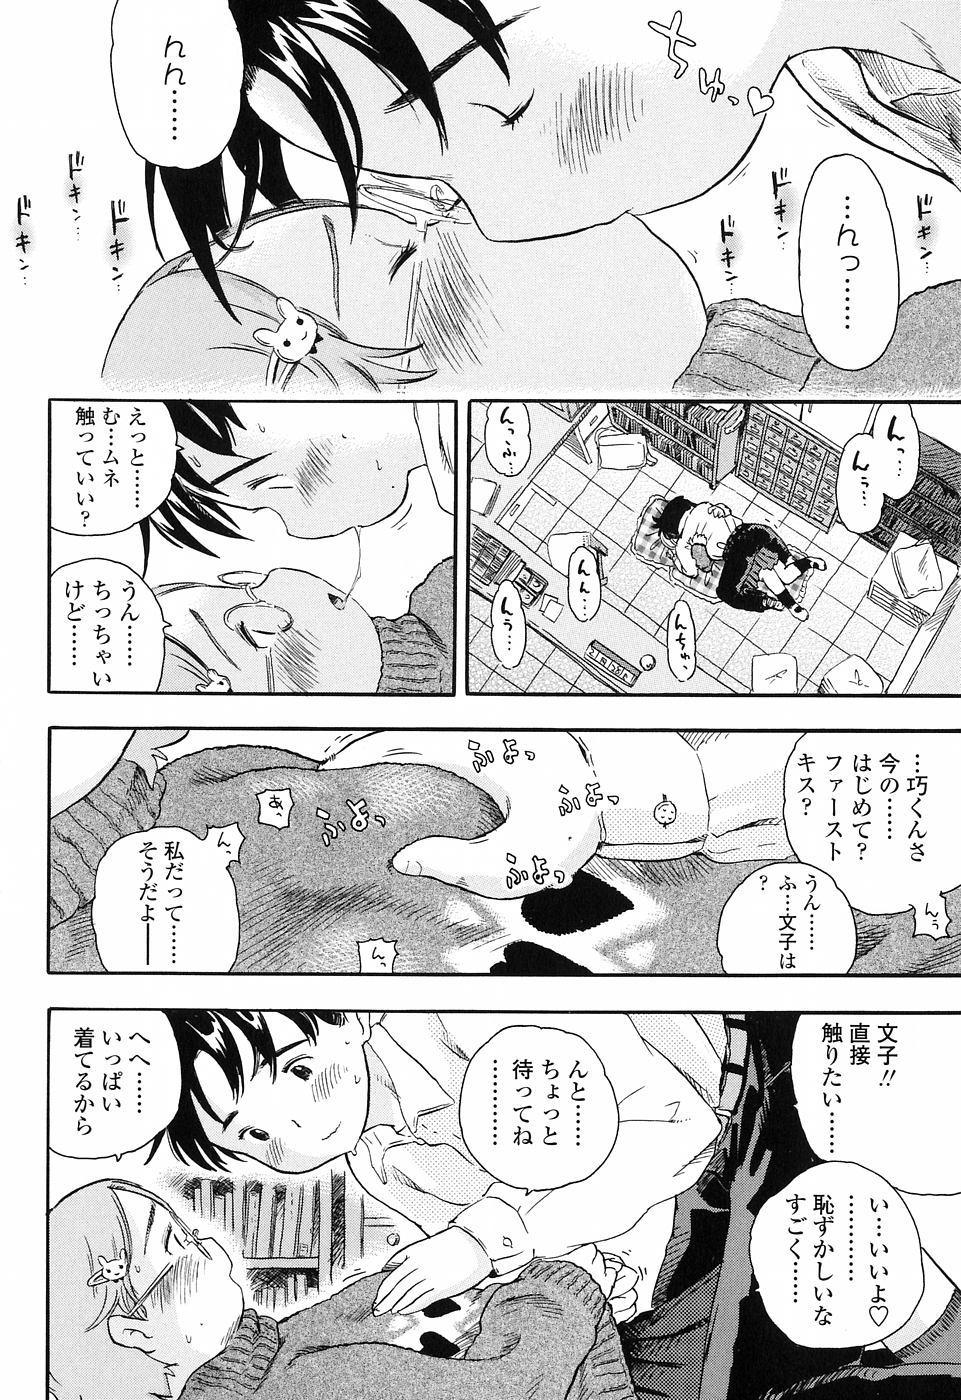 Koisuru Fukurami 131